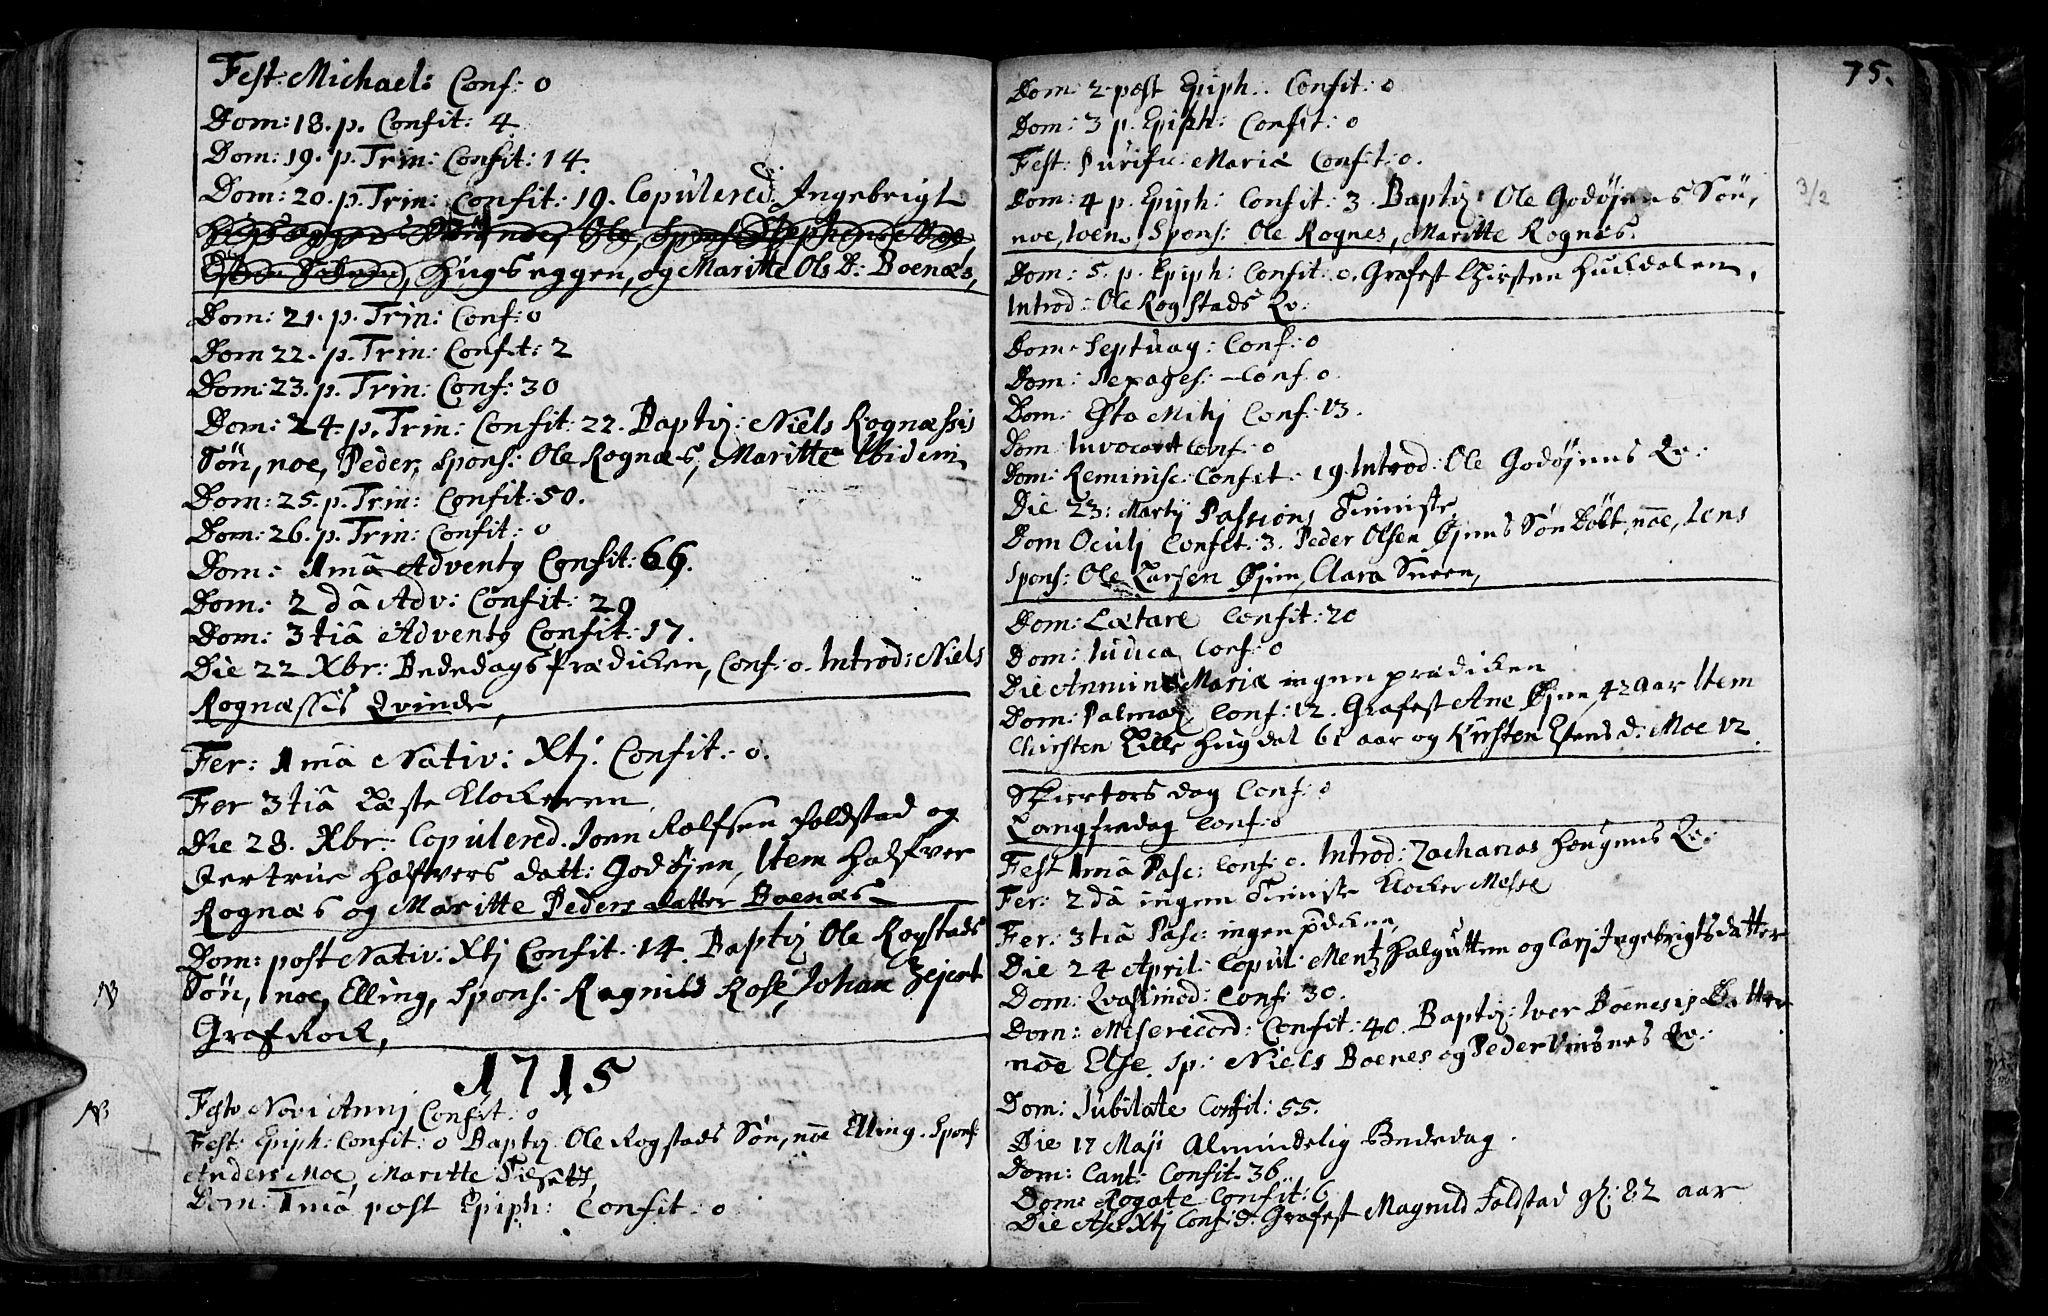 SAT, Ministerialprotokoller, klokkerbøker og fødselsregistre - Sør-Trøndelag, 687/L0990: Ministerialbok nr. 687A01, 1690-1746, s. 75